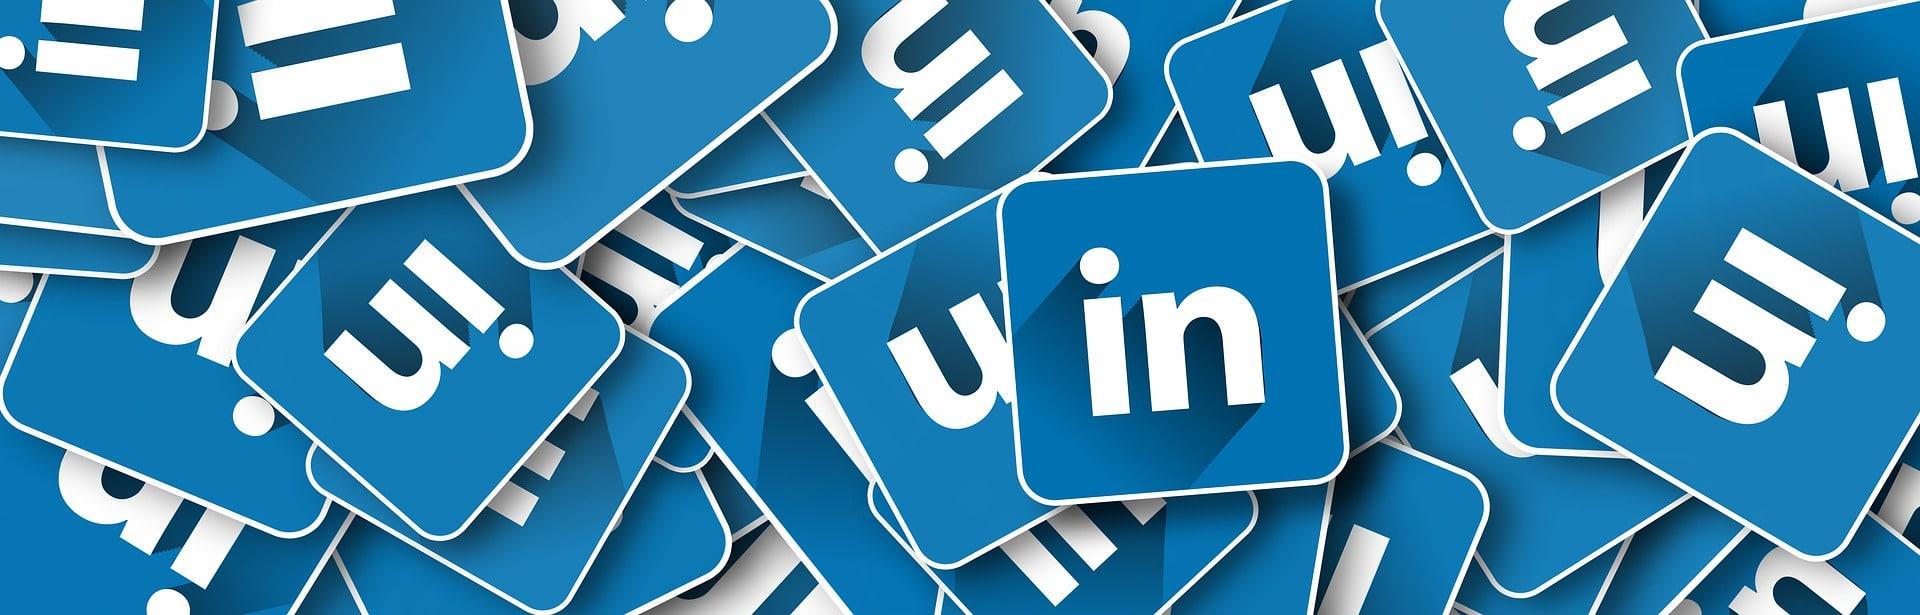 Tout savoir pour optimiser votre profil LinkedIn